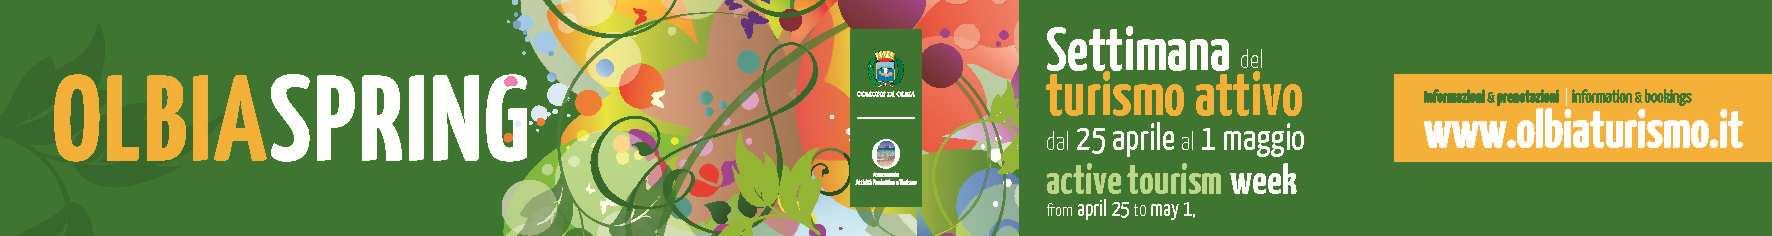 programma OLBIASPRING 2014